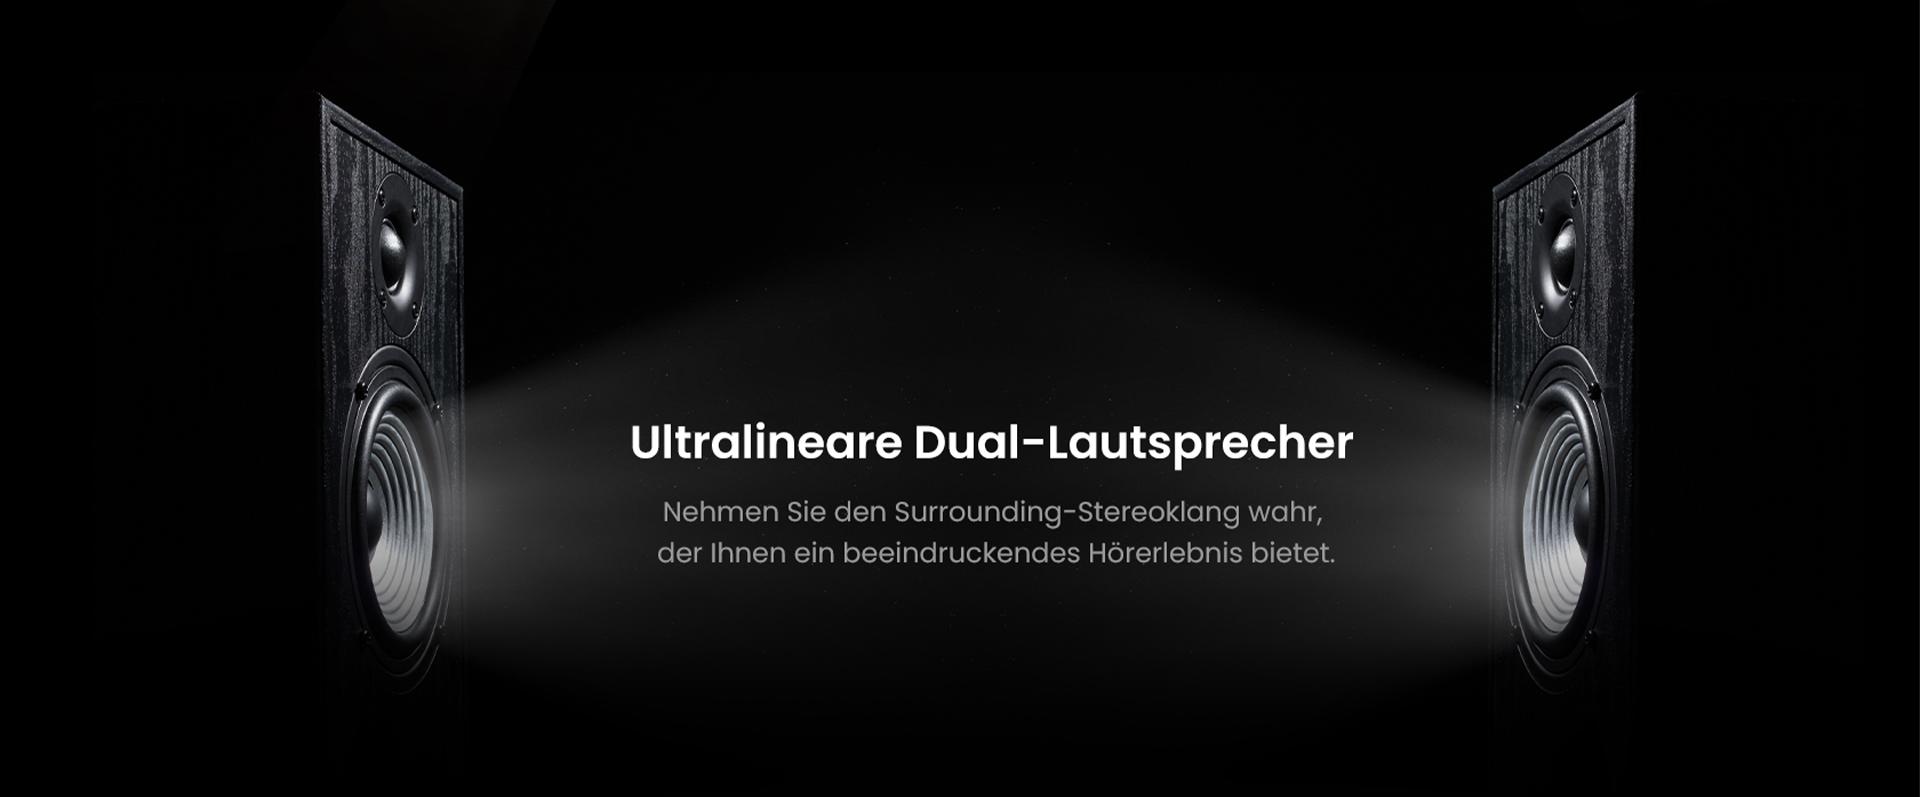 ZTE Axon 30 Ultra mit ultralinearem Dual-Lautsprecher - Nehmen Sie den Surrounding-Stereoklang wahr, der Ihnen ein beeindruckendes Hörerlebnis bietet